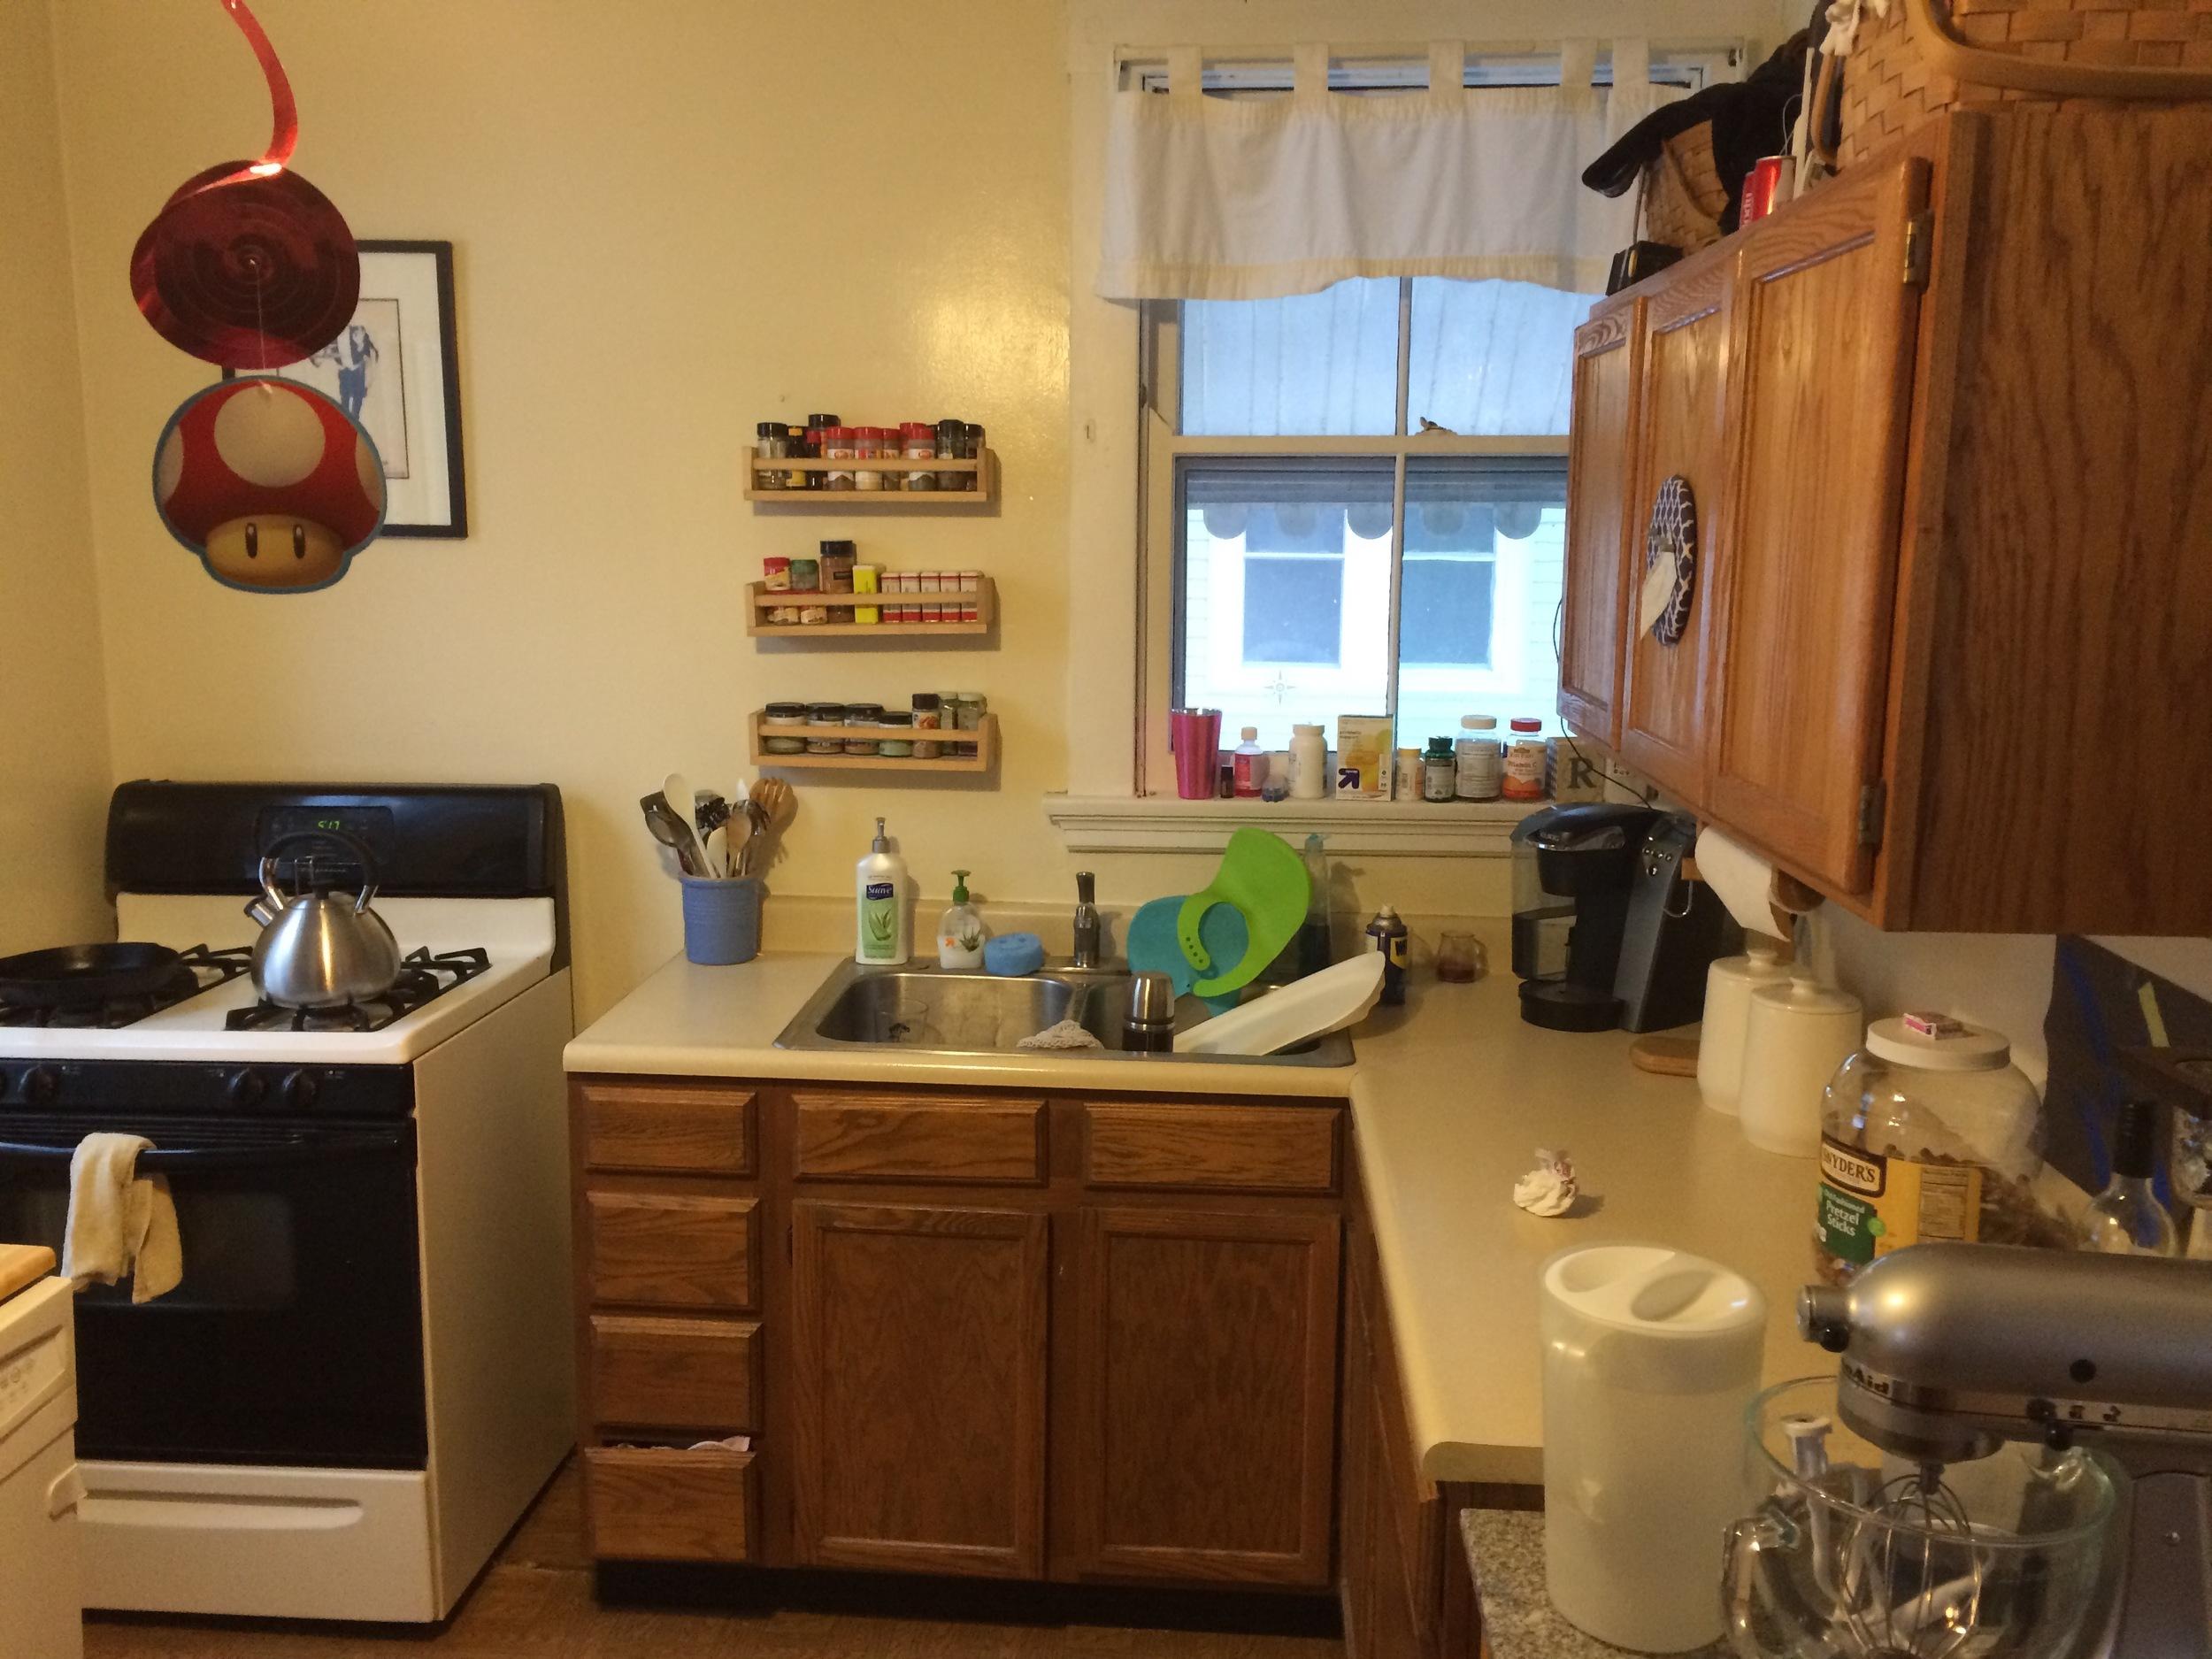 pleasant ridge kitchen and bath kitchen remodel cincinnati Pleasant Ridge Kitchen and Bath Remodel Cincinnati OH